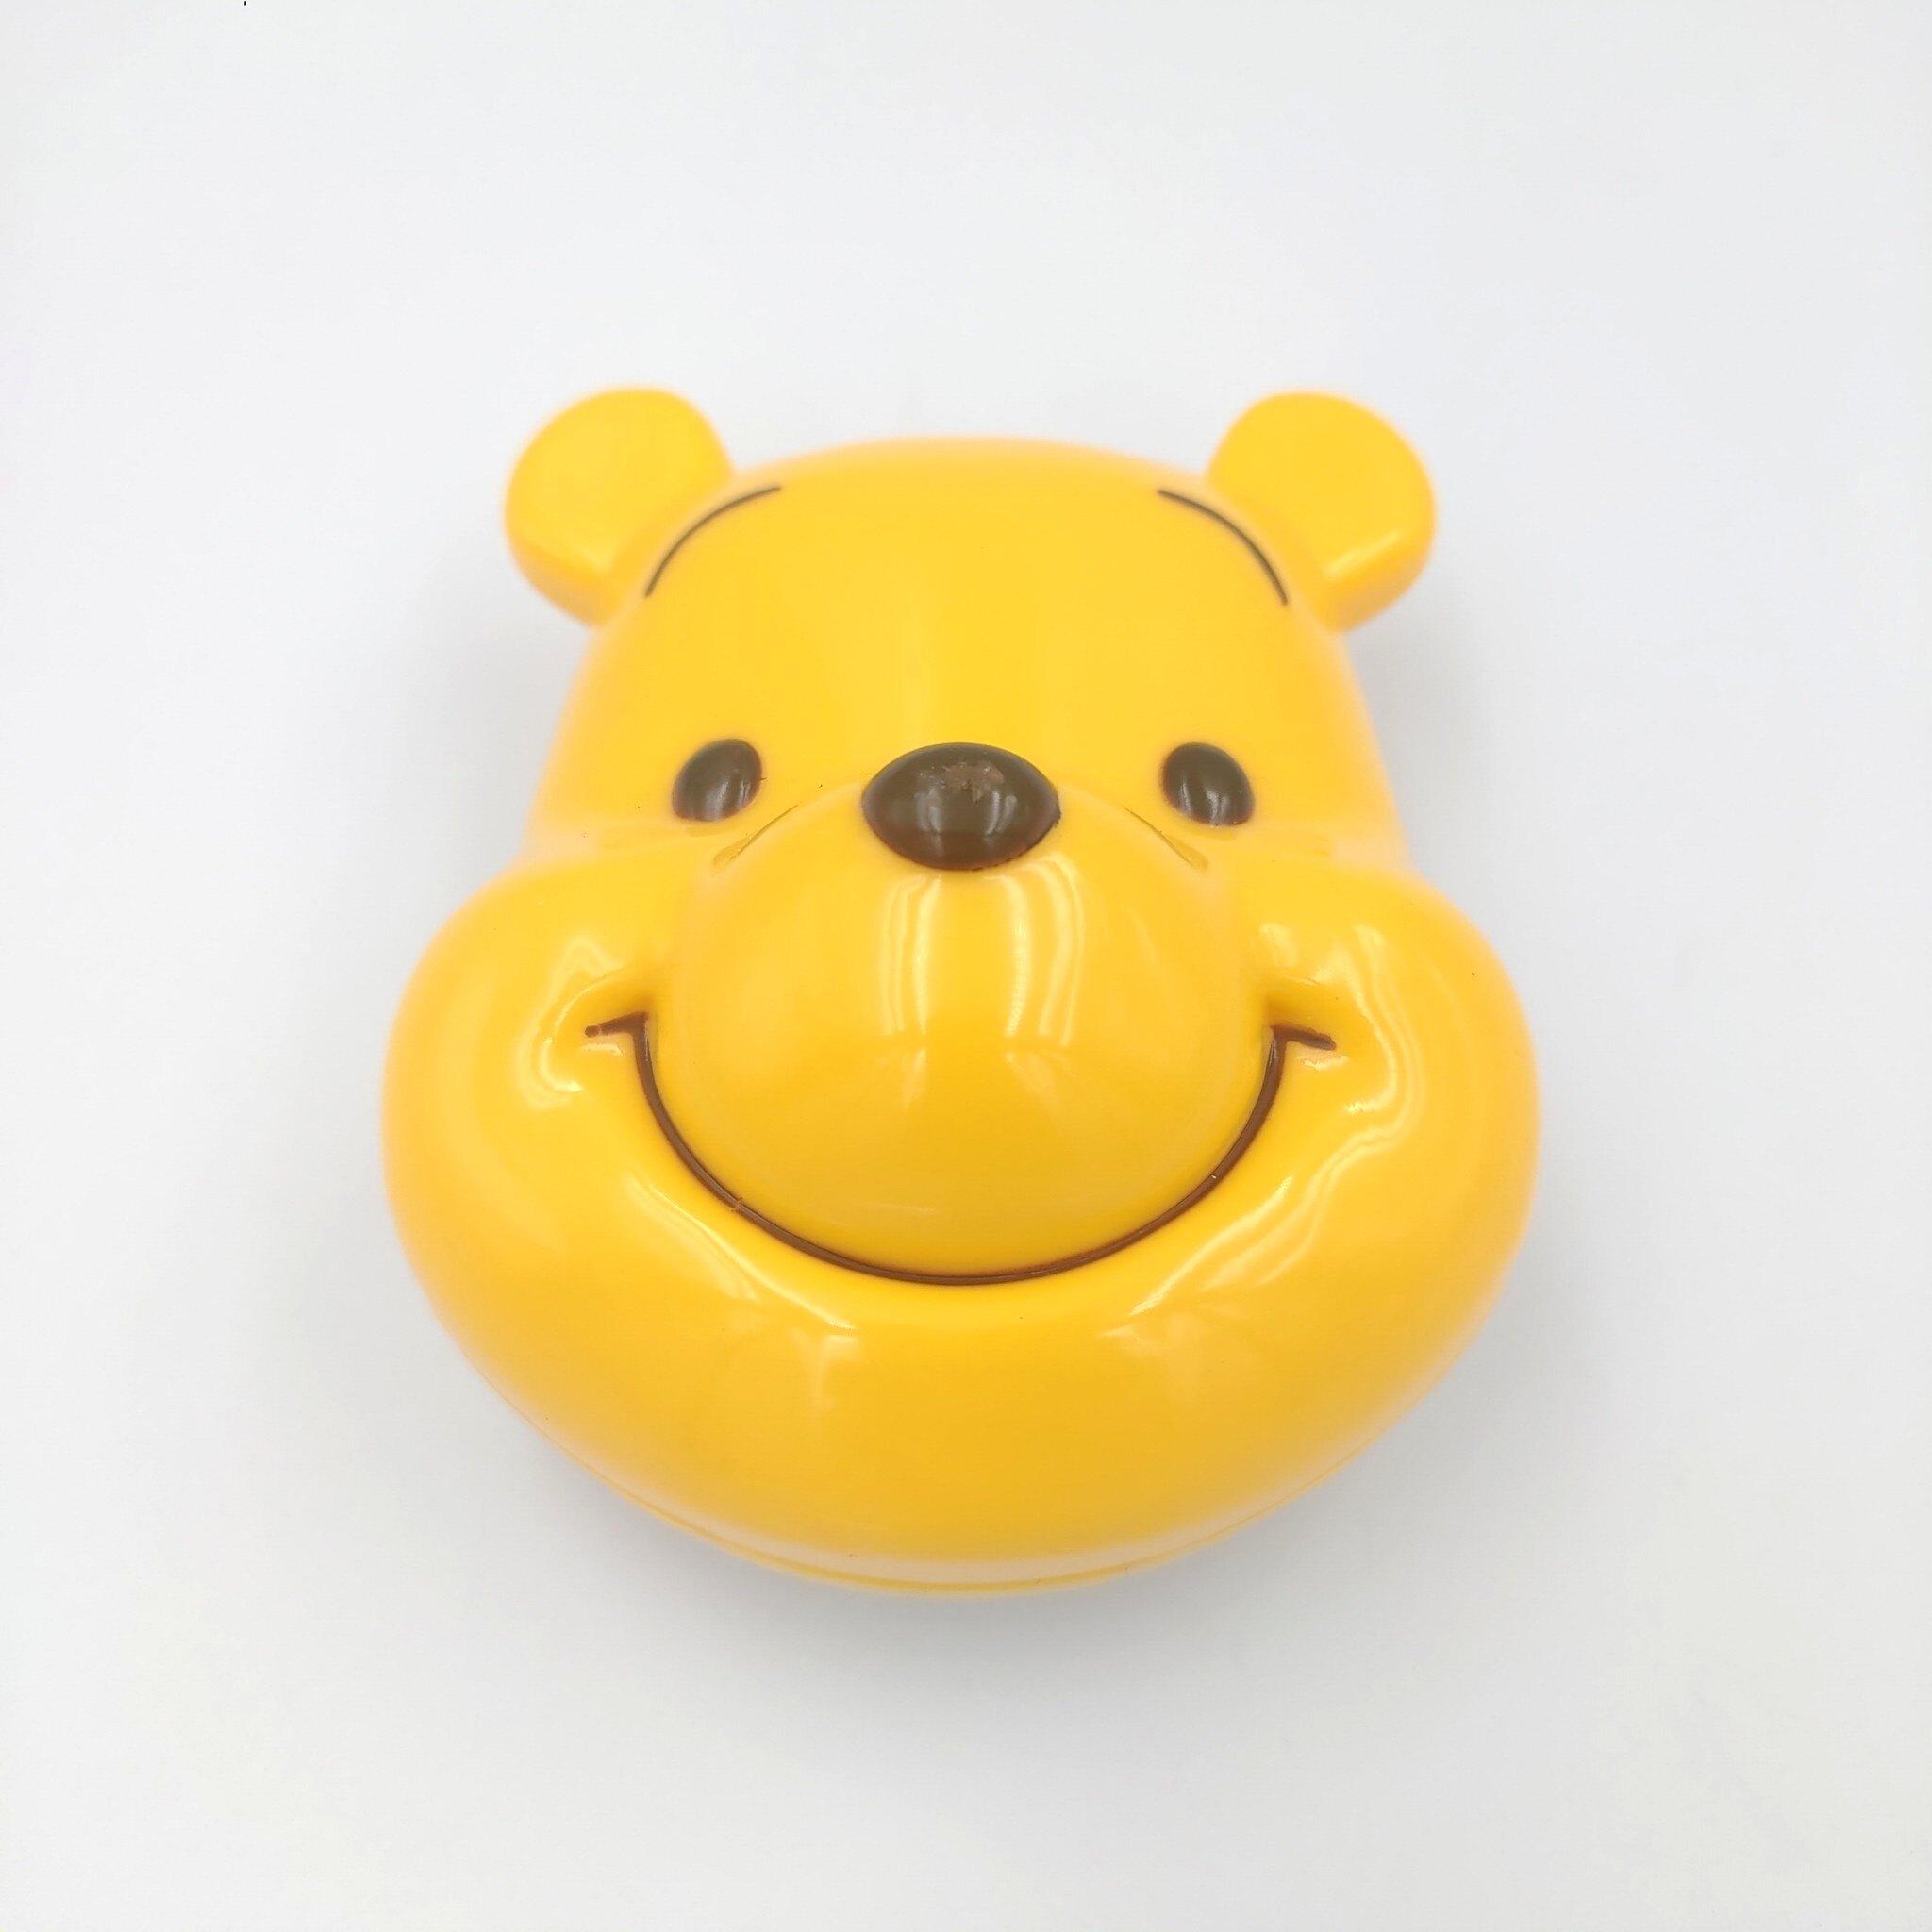 【積文館】造型隨身梳 日本進口 小熊維尼 Winnie Pooh 梳子(7.5*6.5cm)